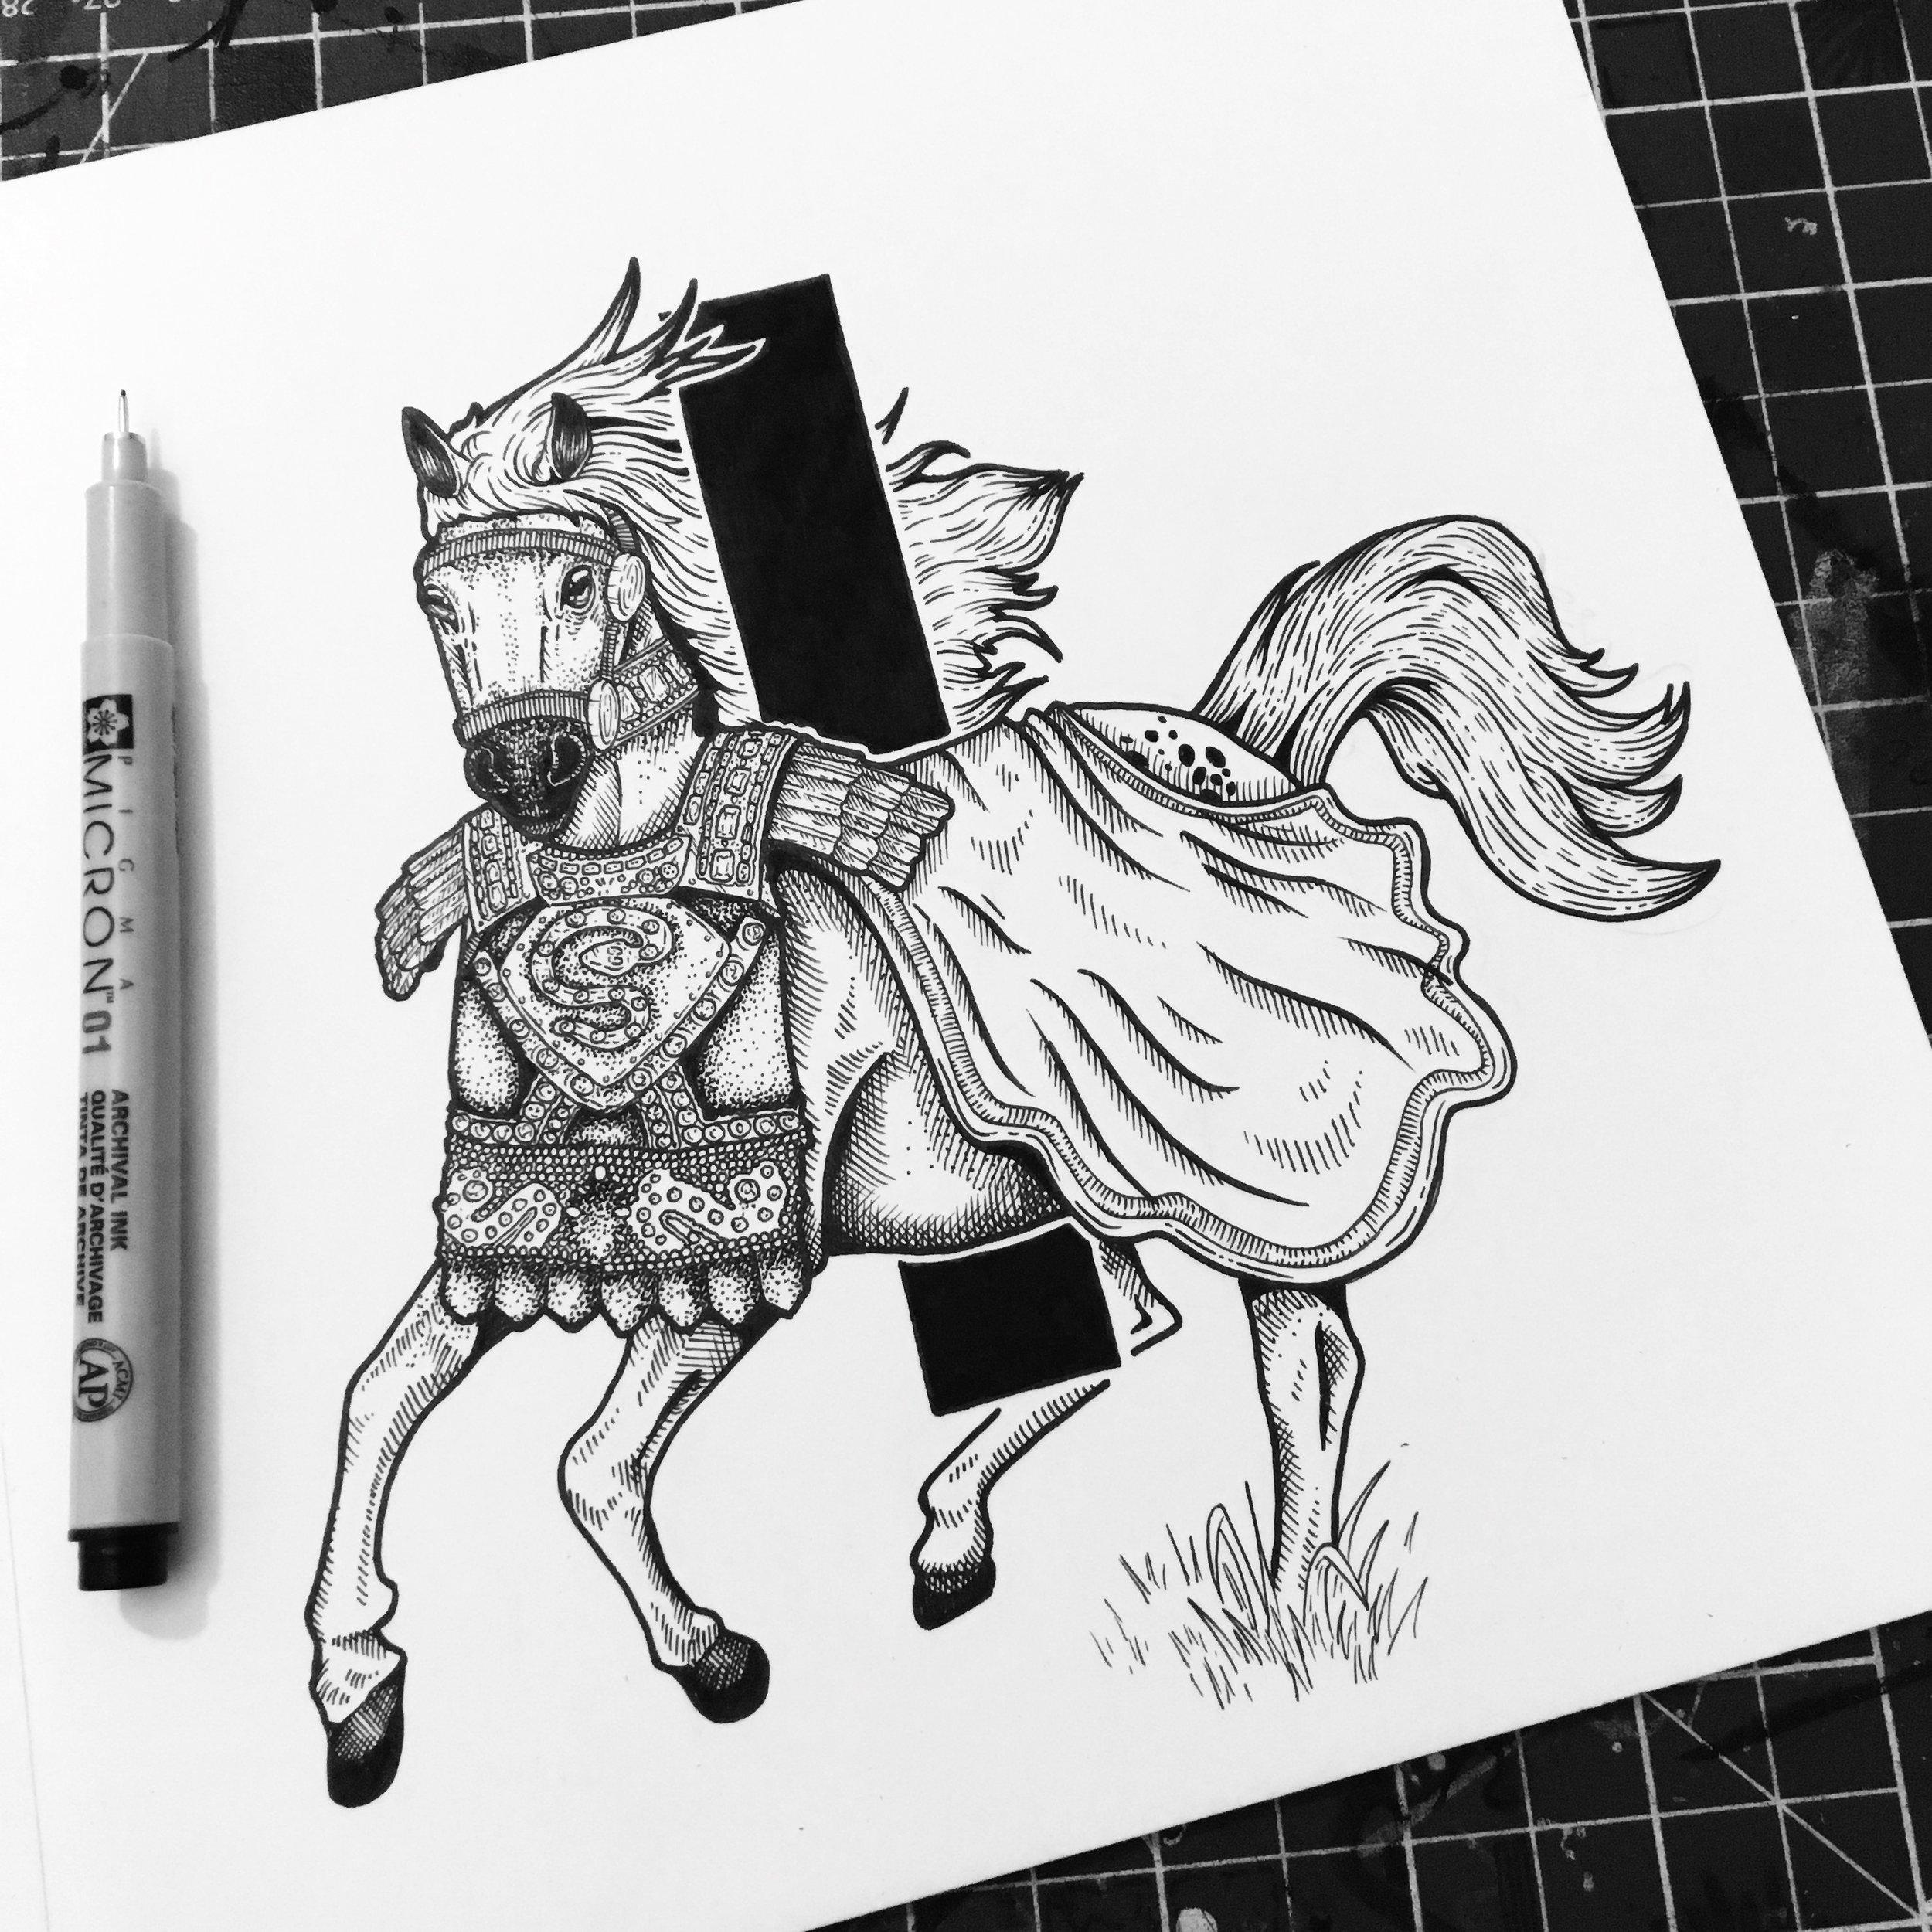 Invictus the Horse - made a senator by Roman Emperor Caligula.